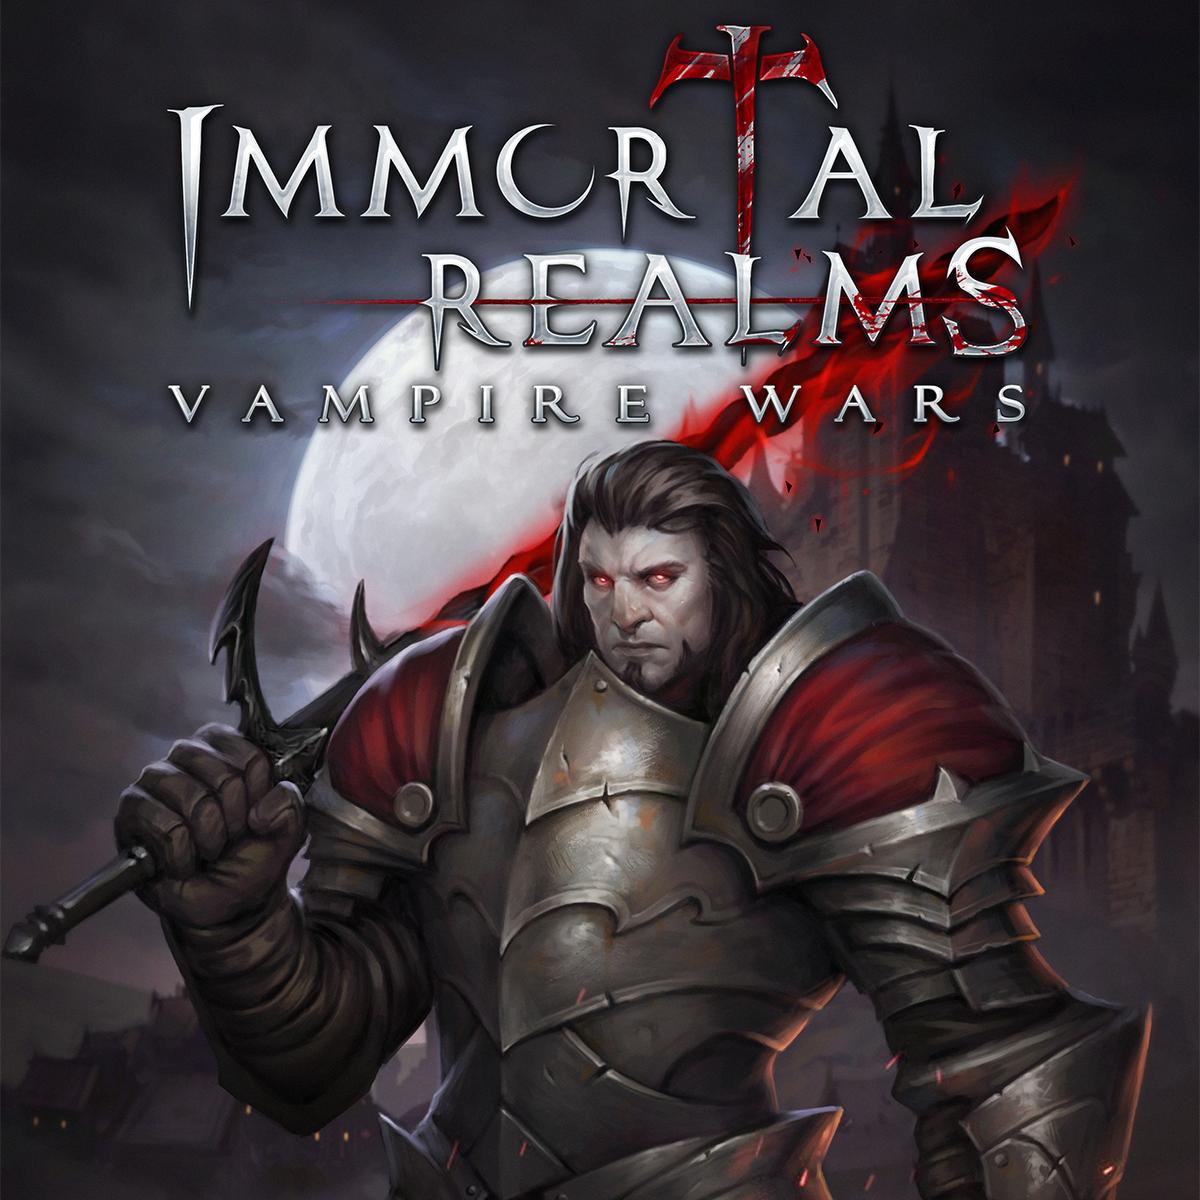 Nieuwe developer diary voor Immortal Realms: Vampire Wars!